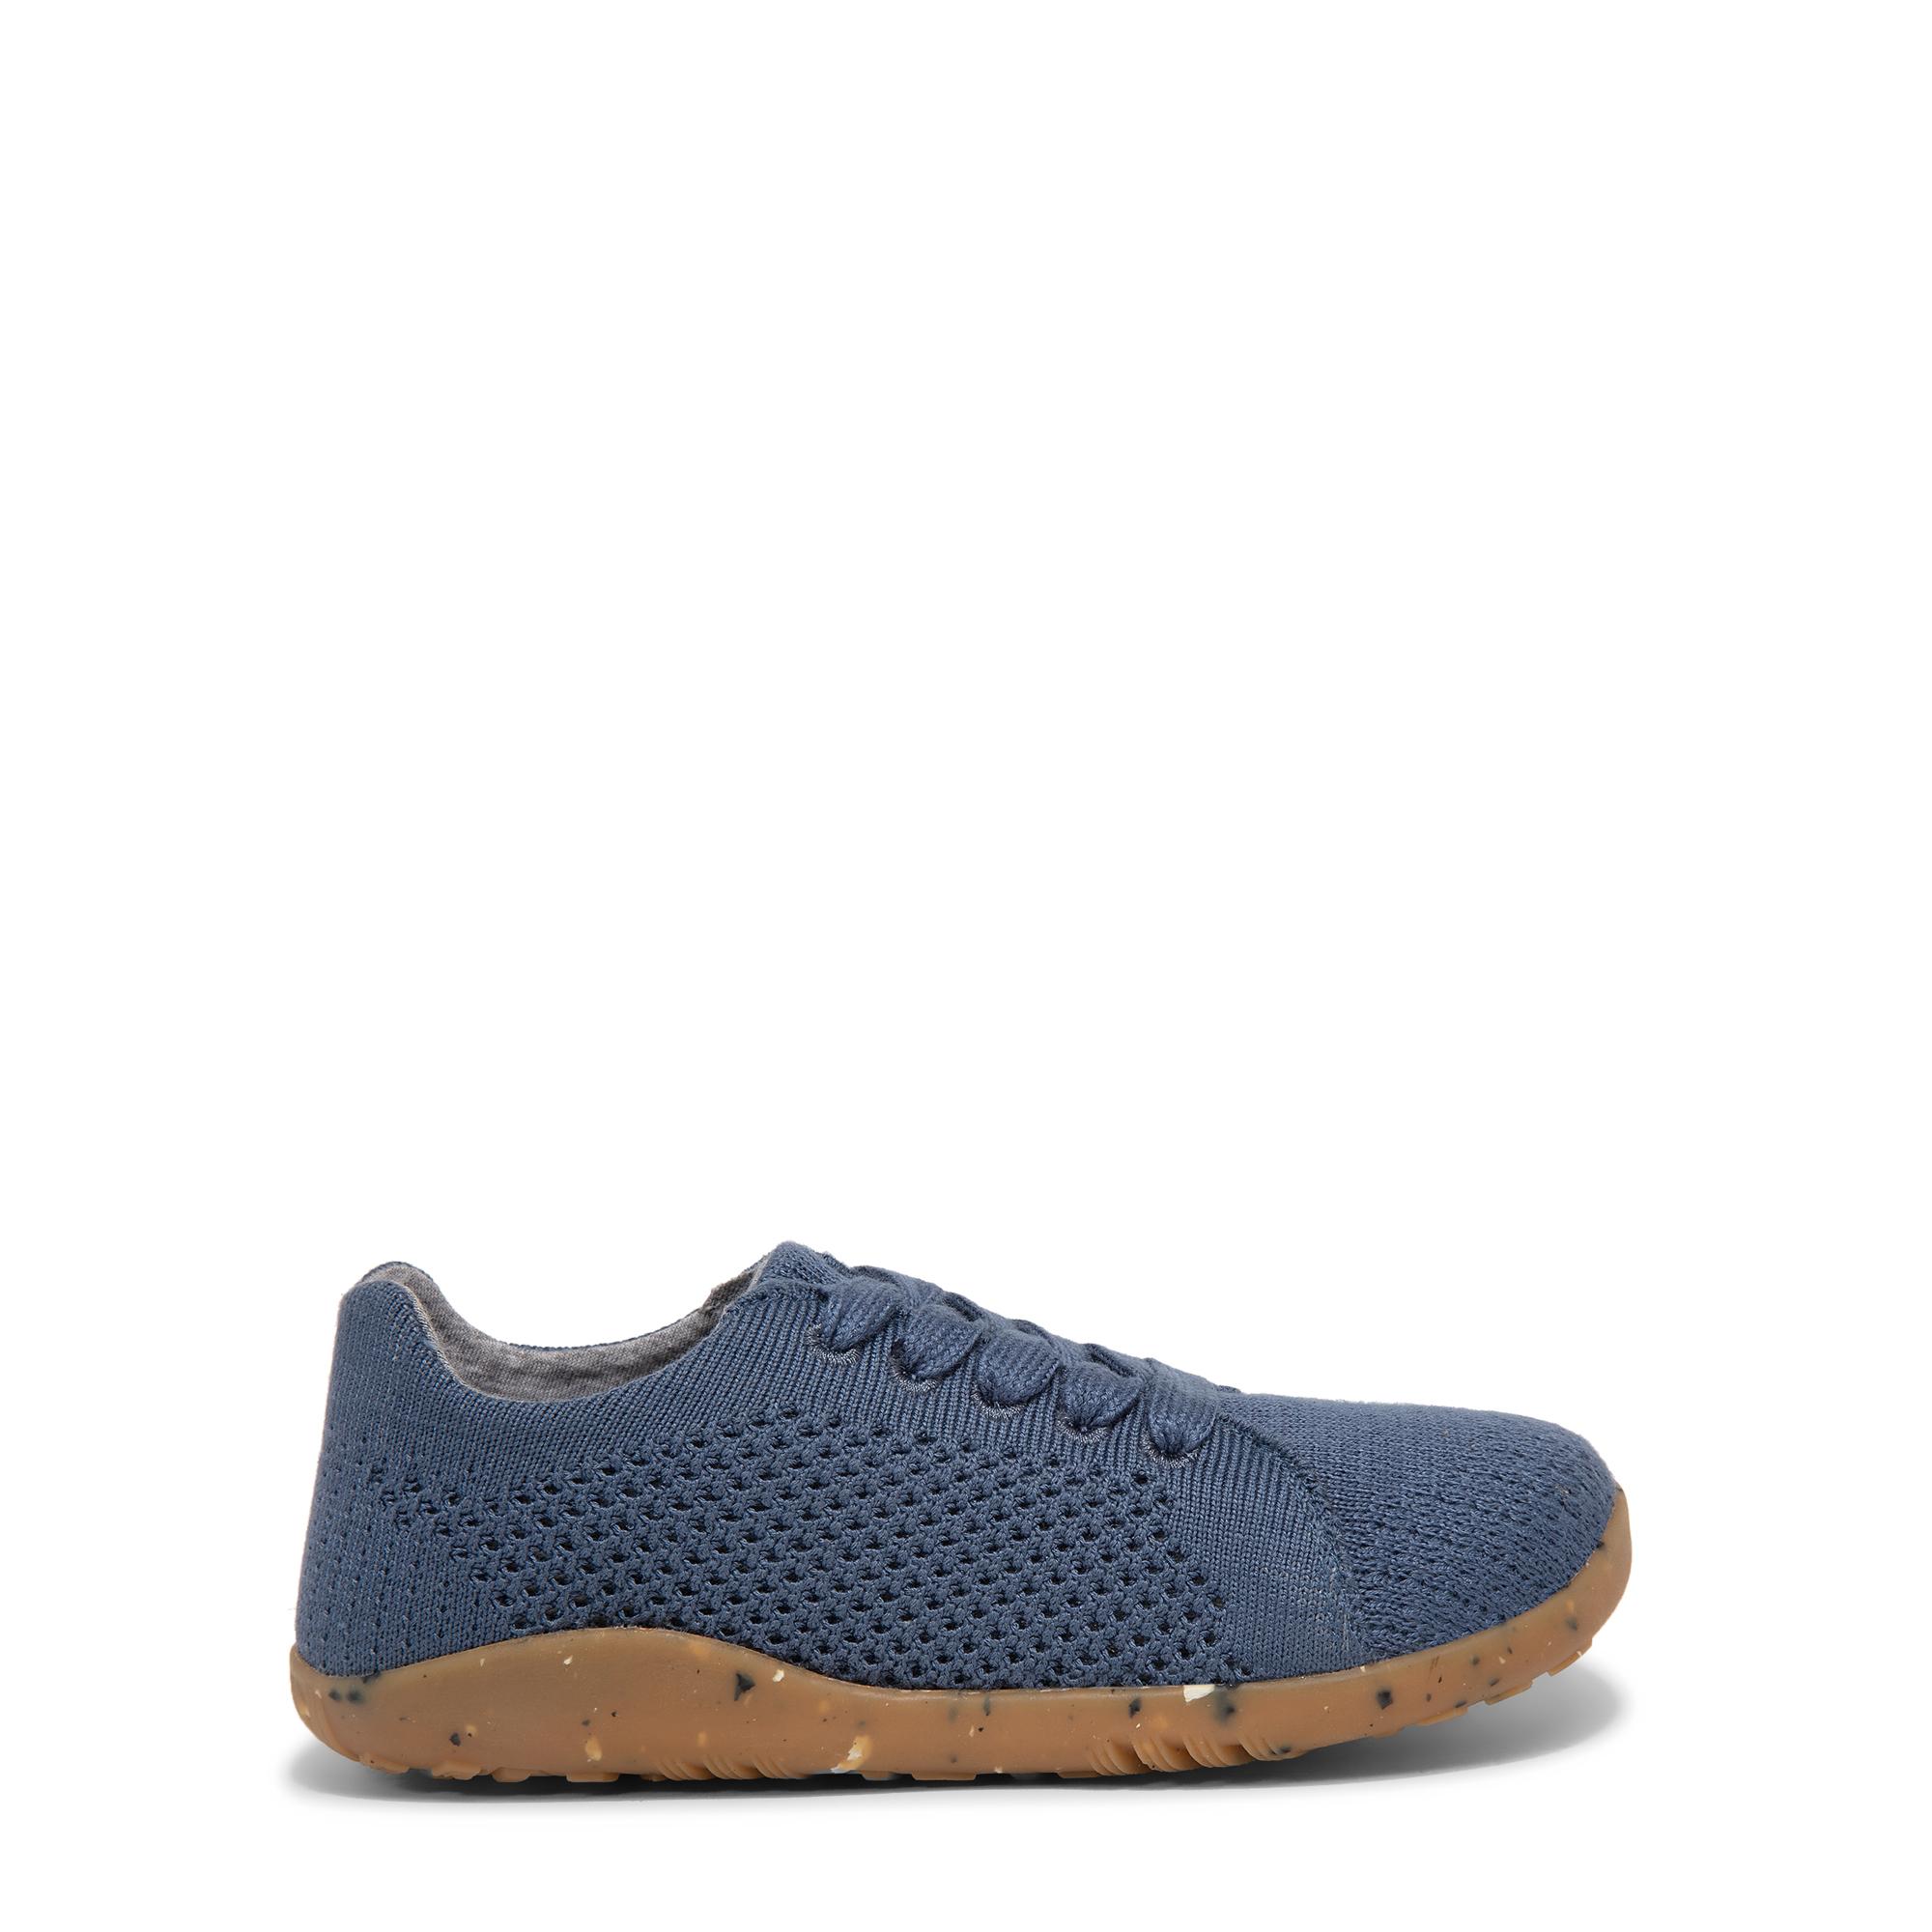 Seedling sneakers